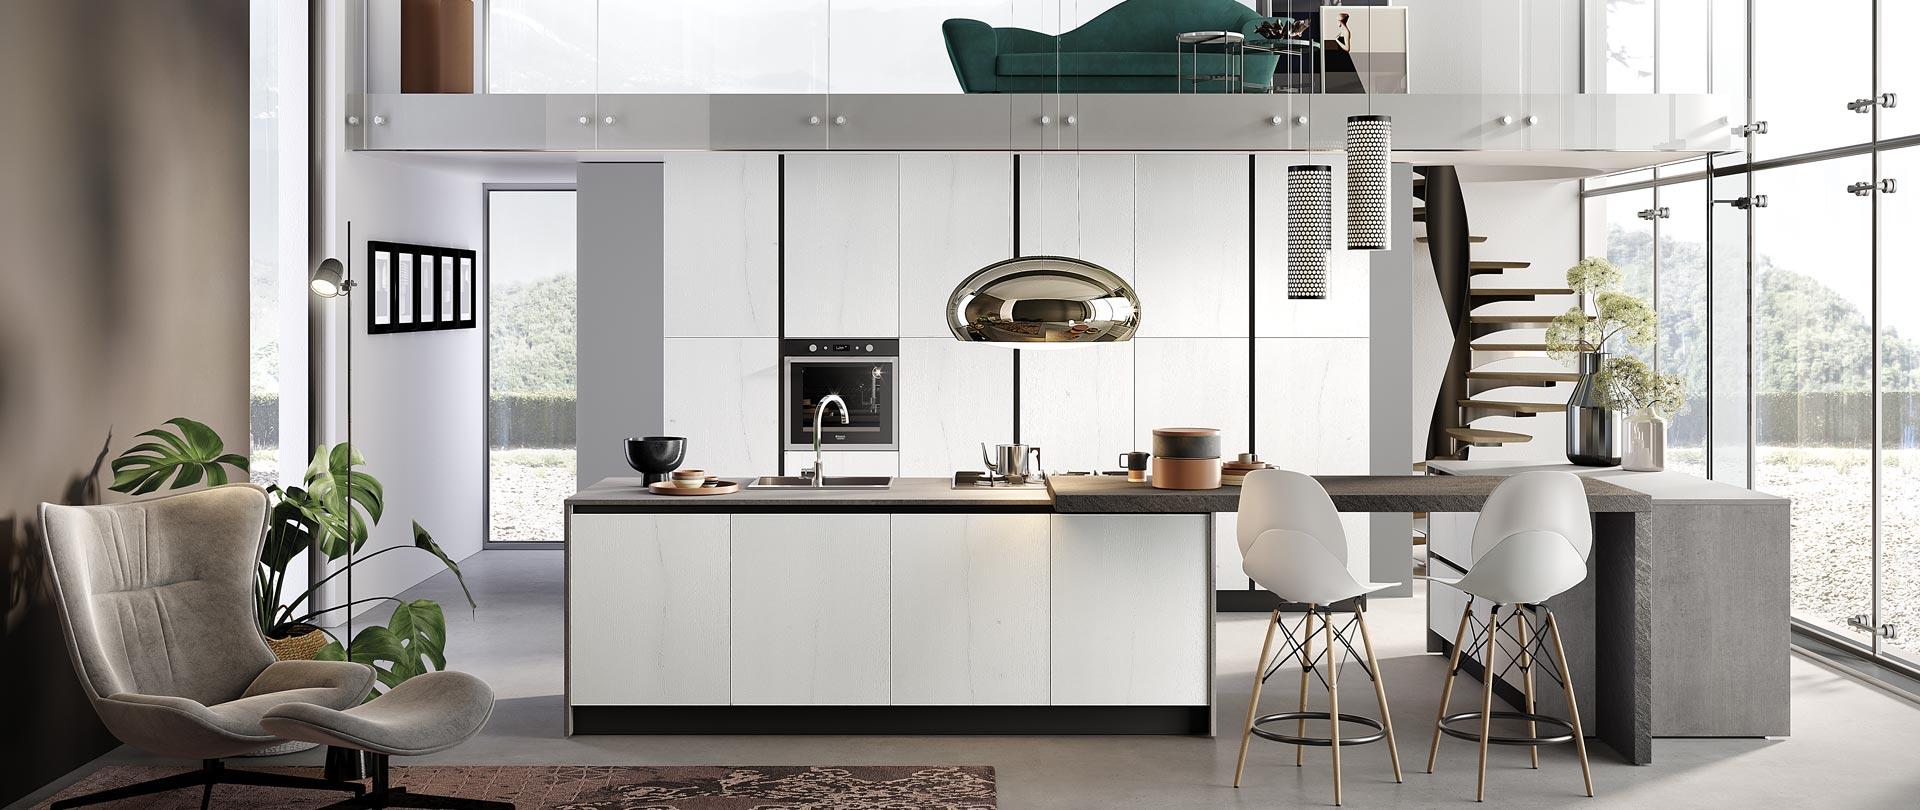 03-cucina-moderna-nala-rovere-pietra